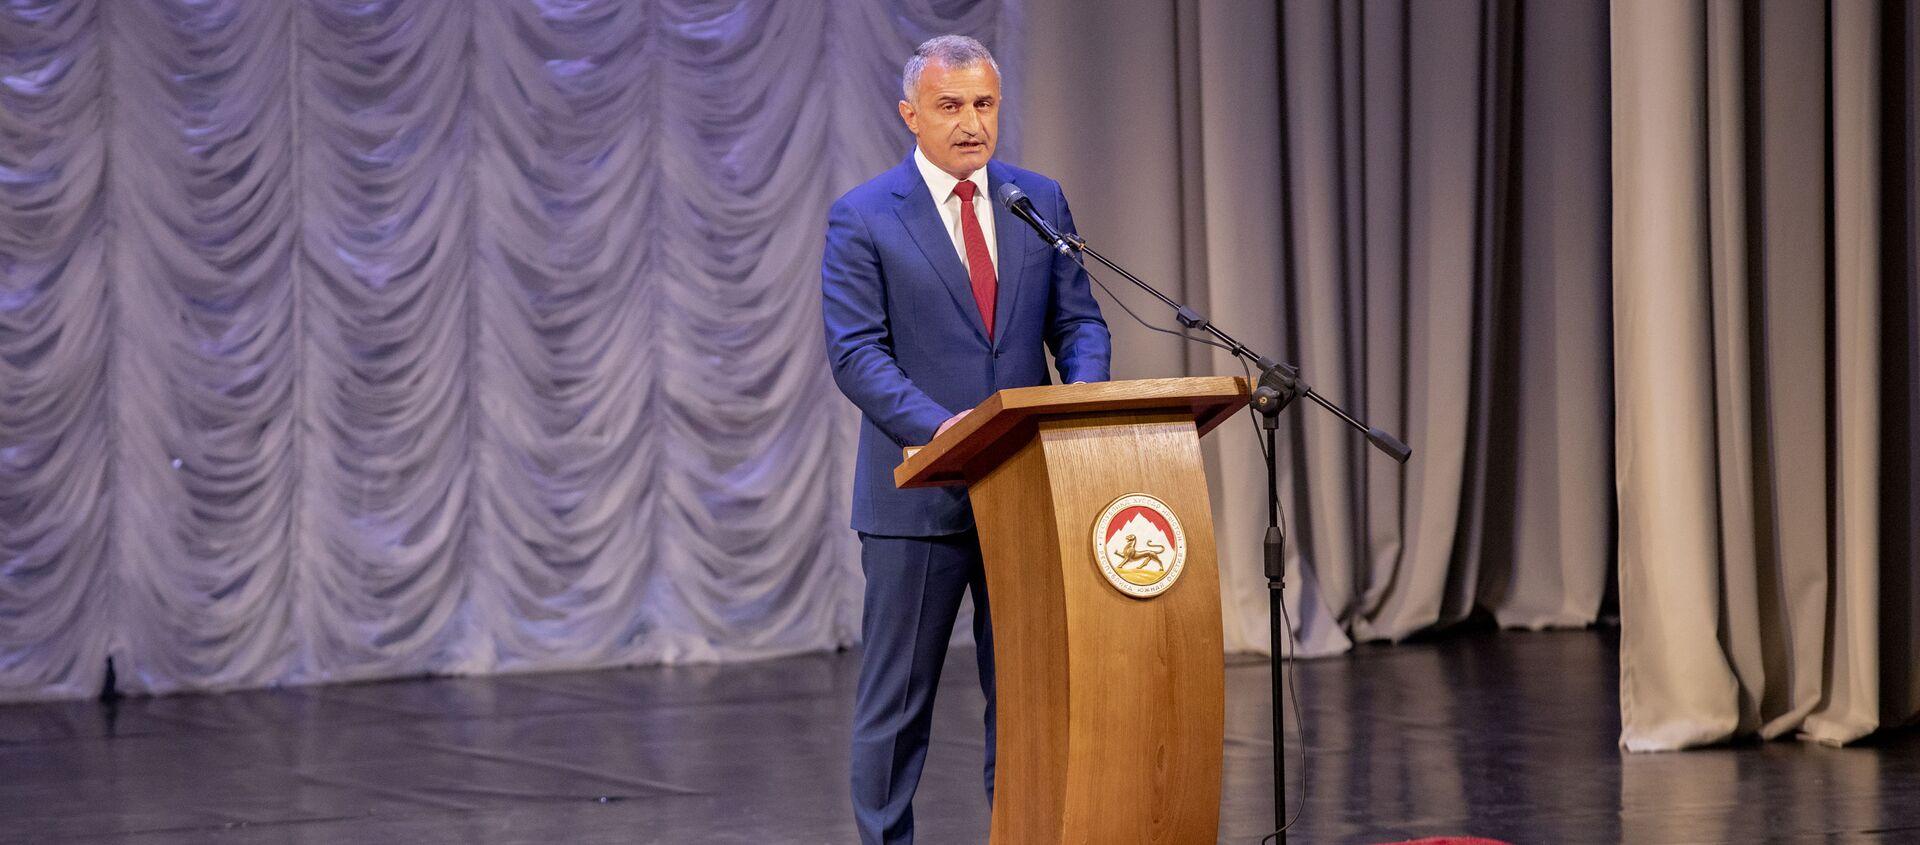 Торжественное собрание в честь Дня Руспублики в Южной Осетии - Sputnik Южная Осетия, 1920, 20.09.2021